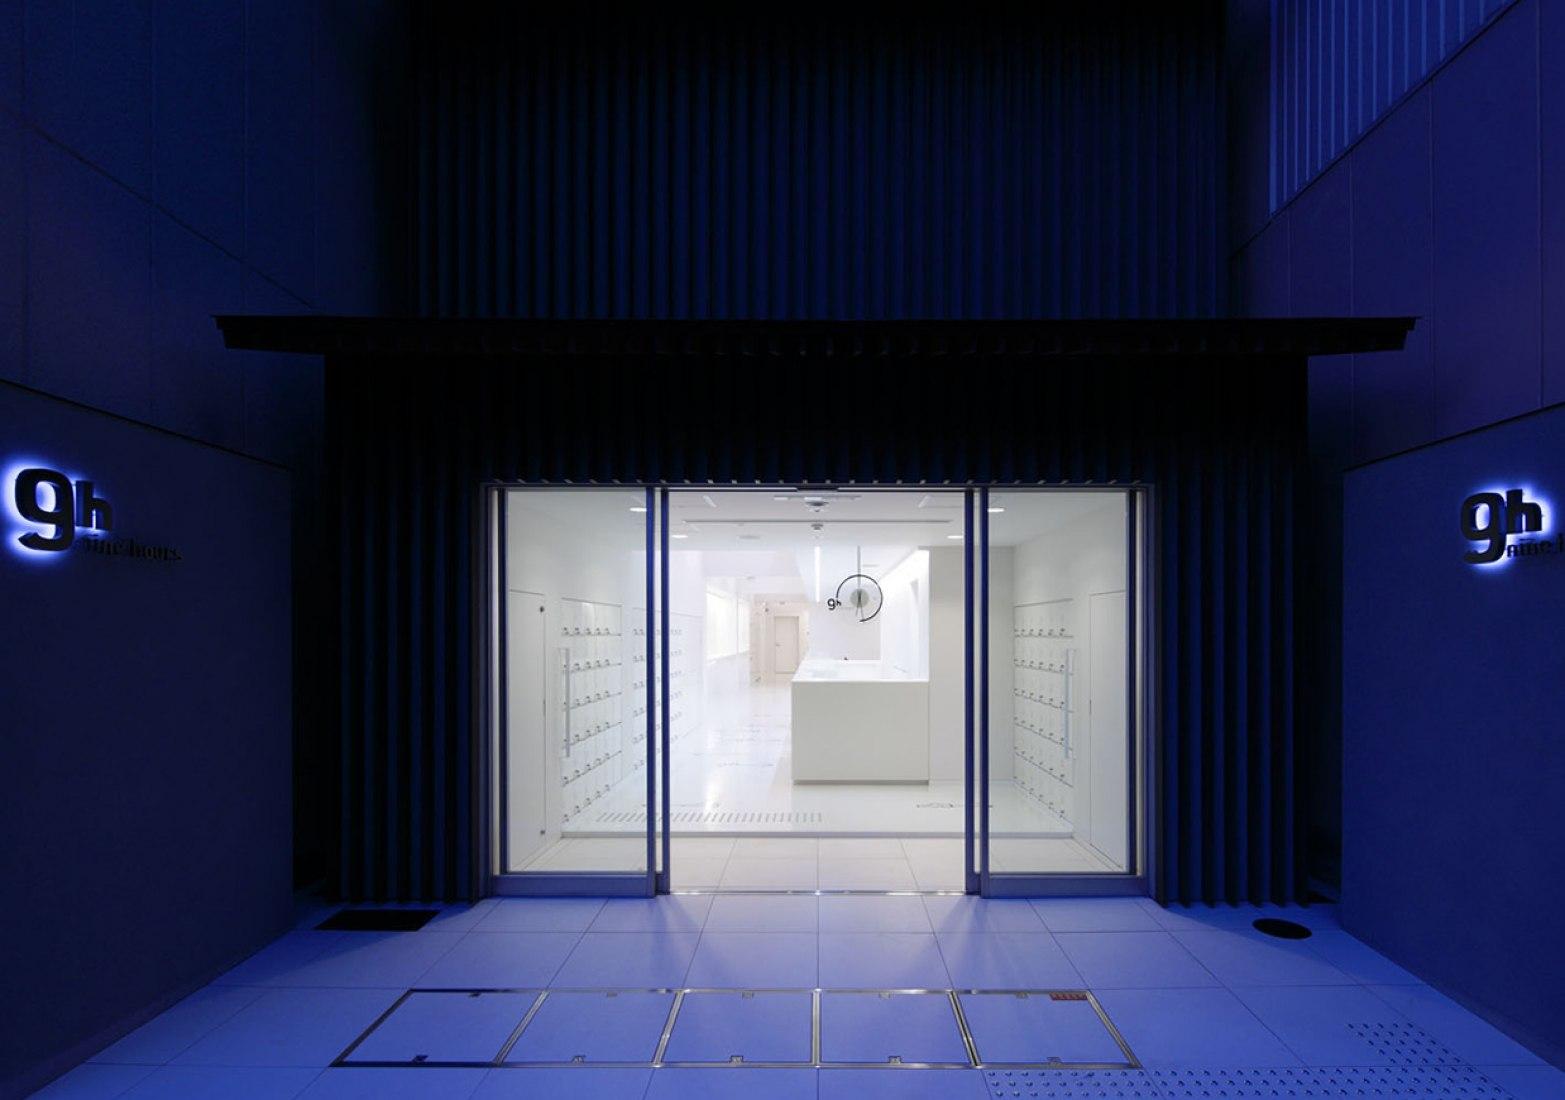 Hotel 9 Horas por Design Studio S. Fotografía © Nacasa&Partner